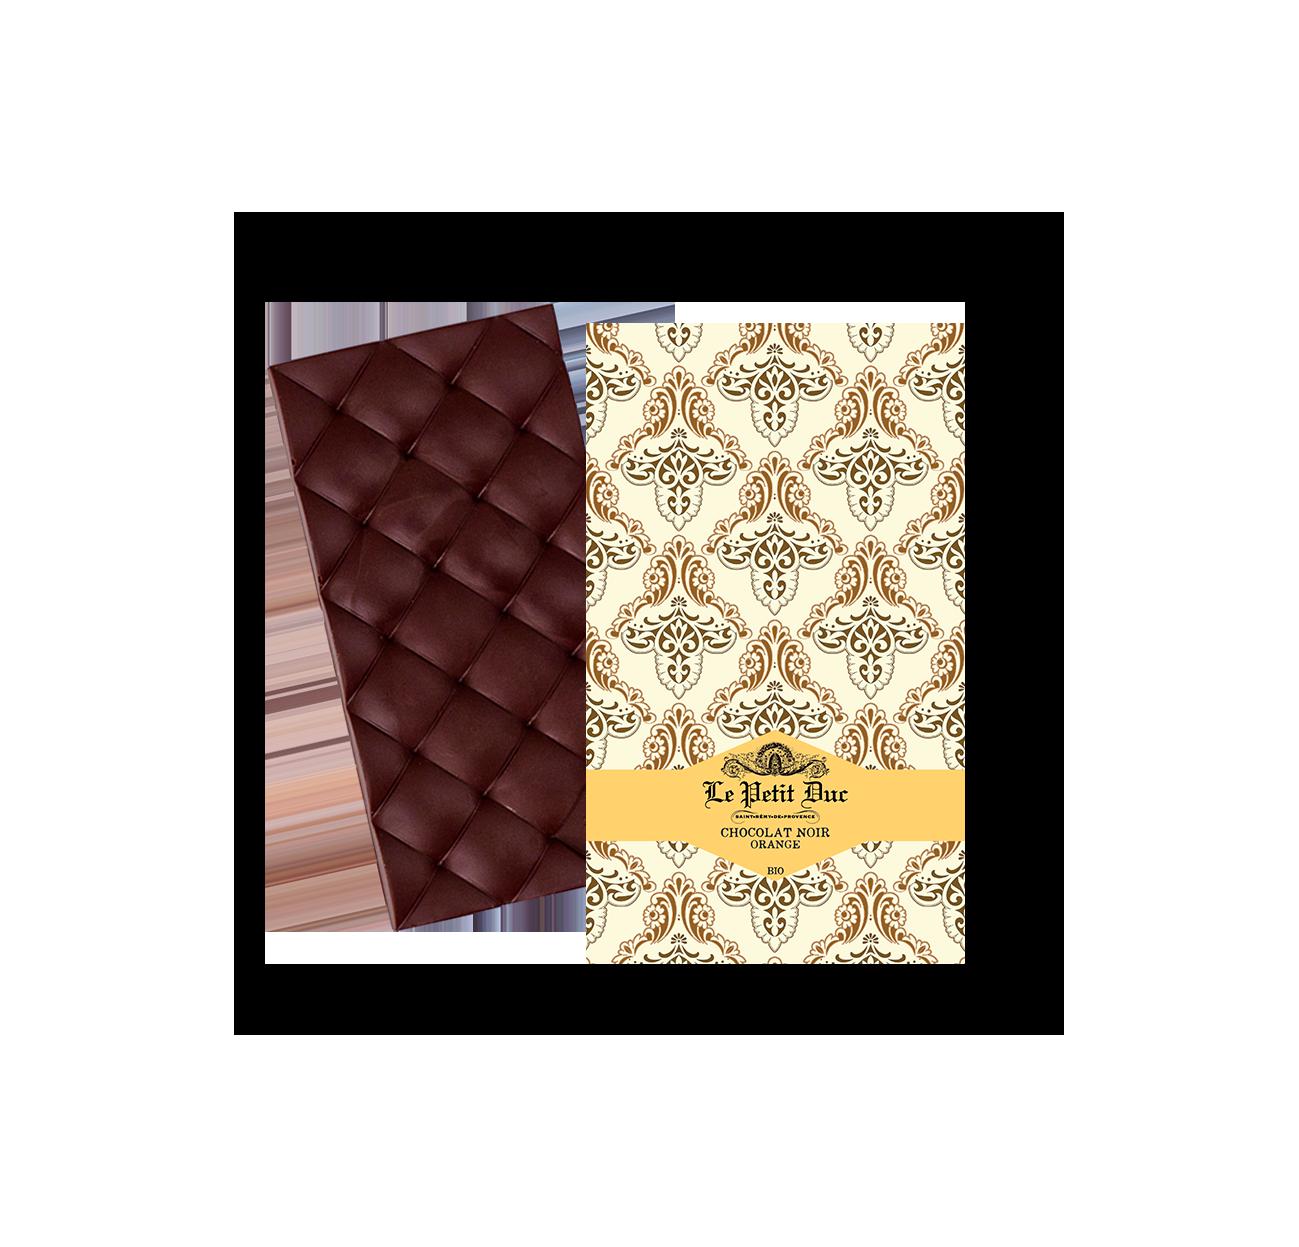 14/ Mørk sjokolade med appelsin, 70g - Le Petit Duc